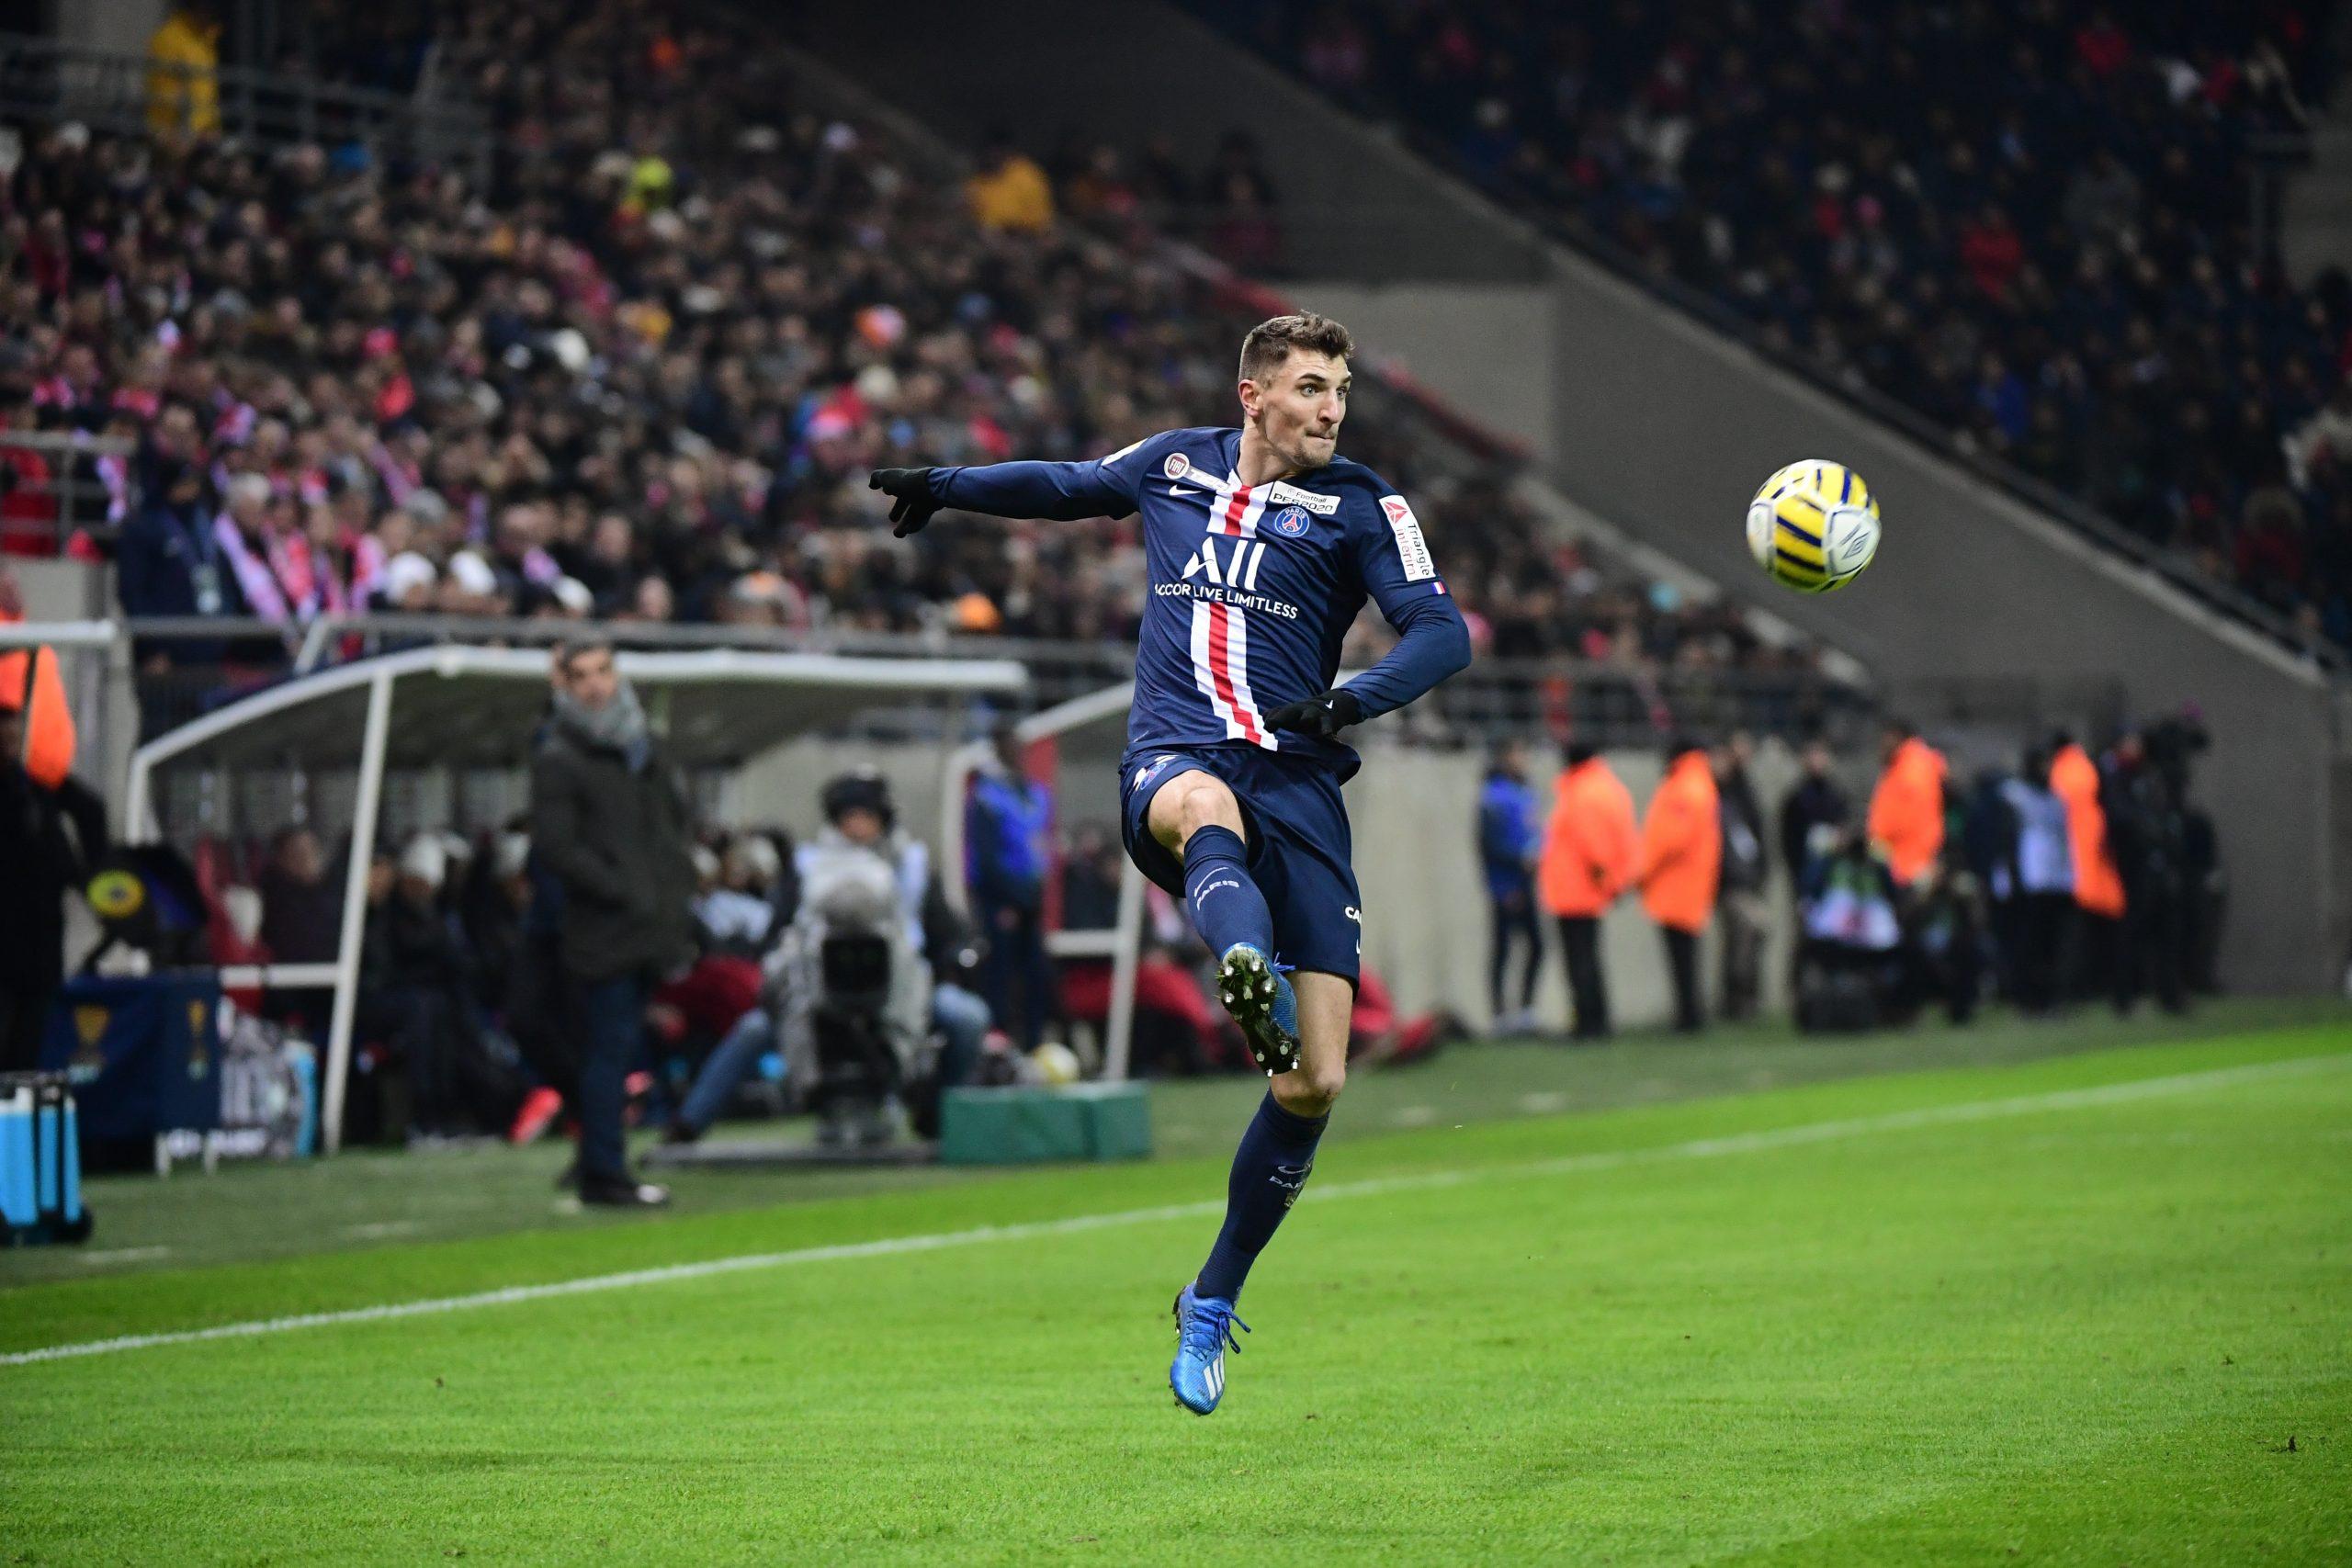 Meunier veut remporter la finale de Coupe de la Ligue pour «marquer l'histoire»